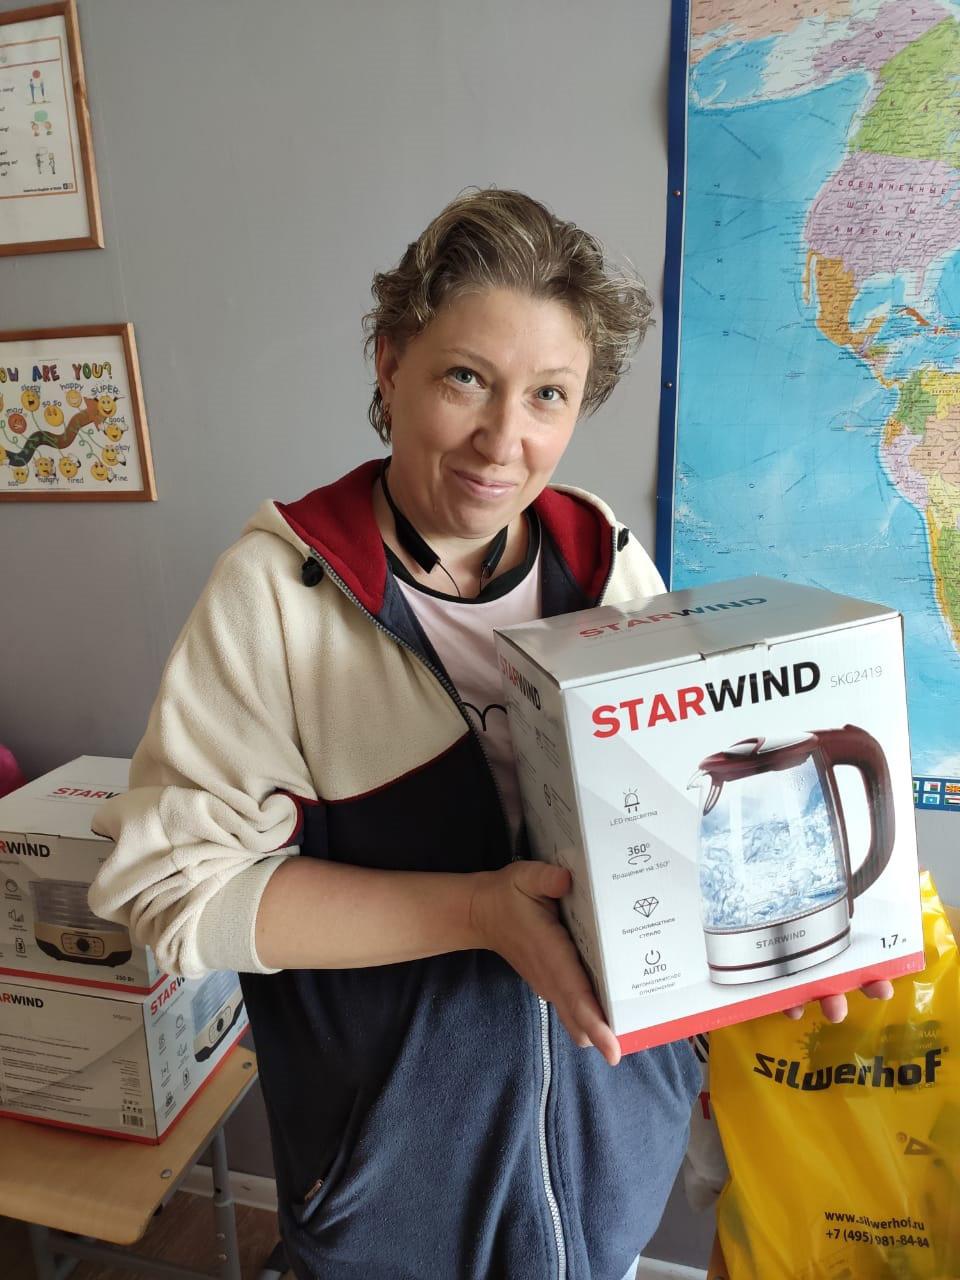 Silwerhof помог первоклассникам подготовиться к школе